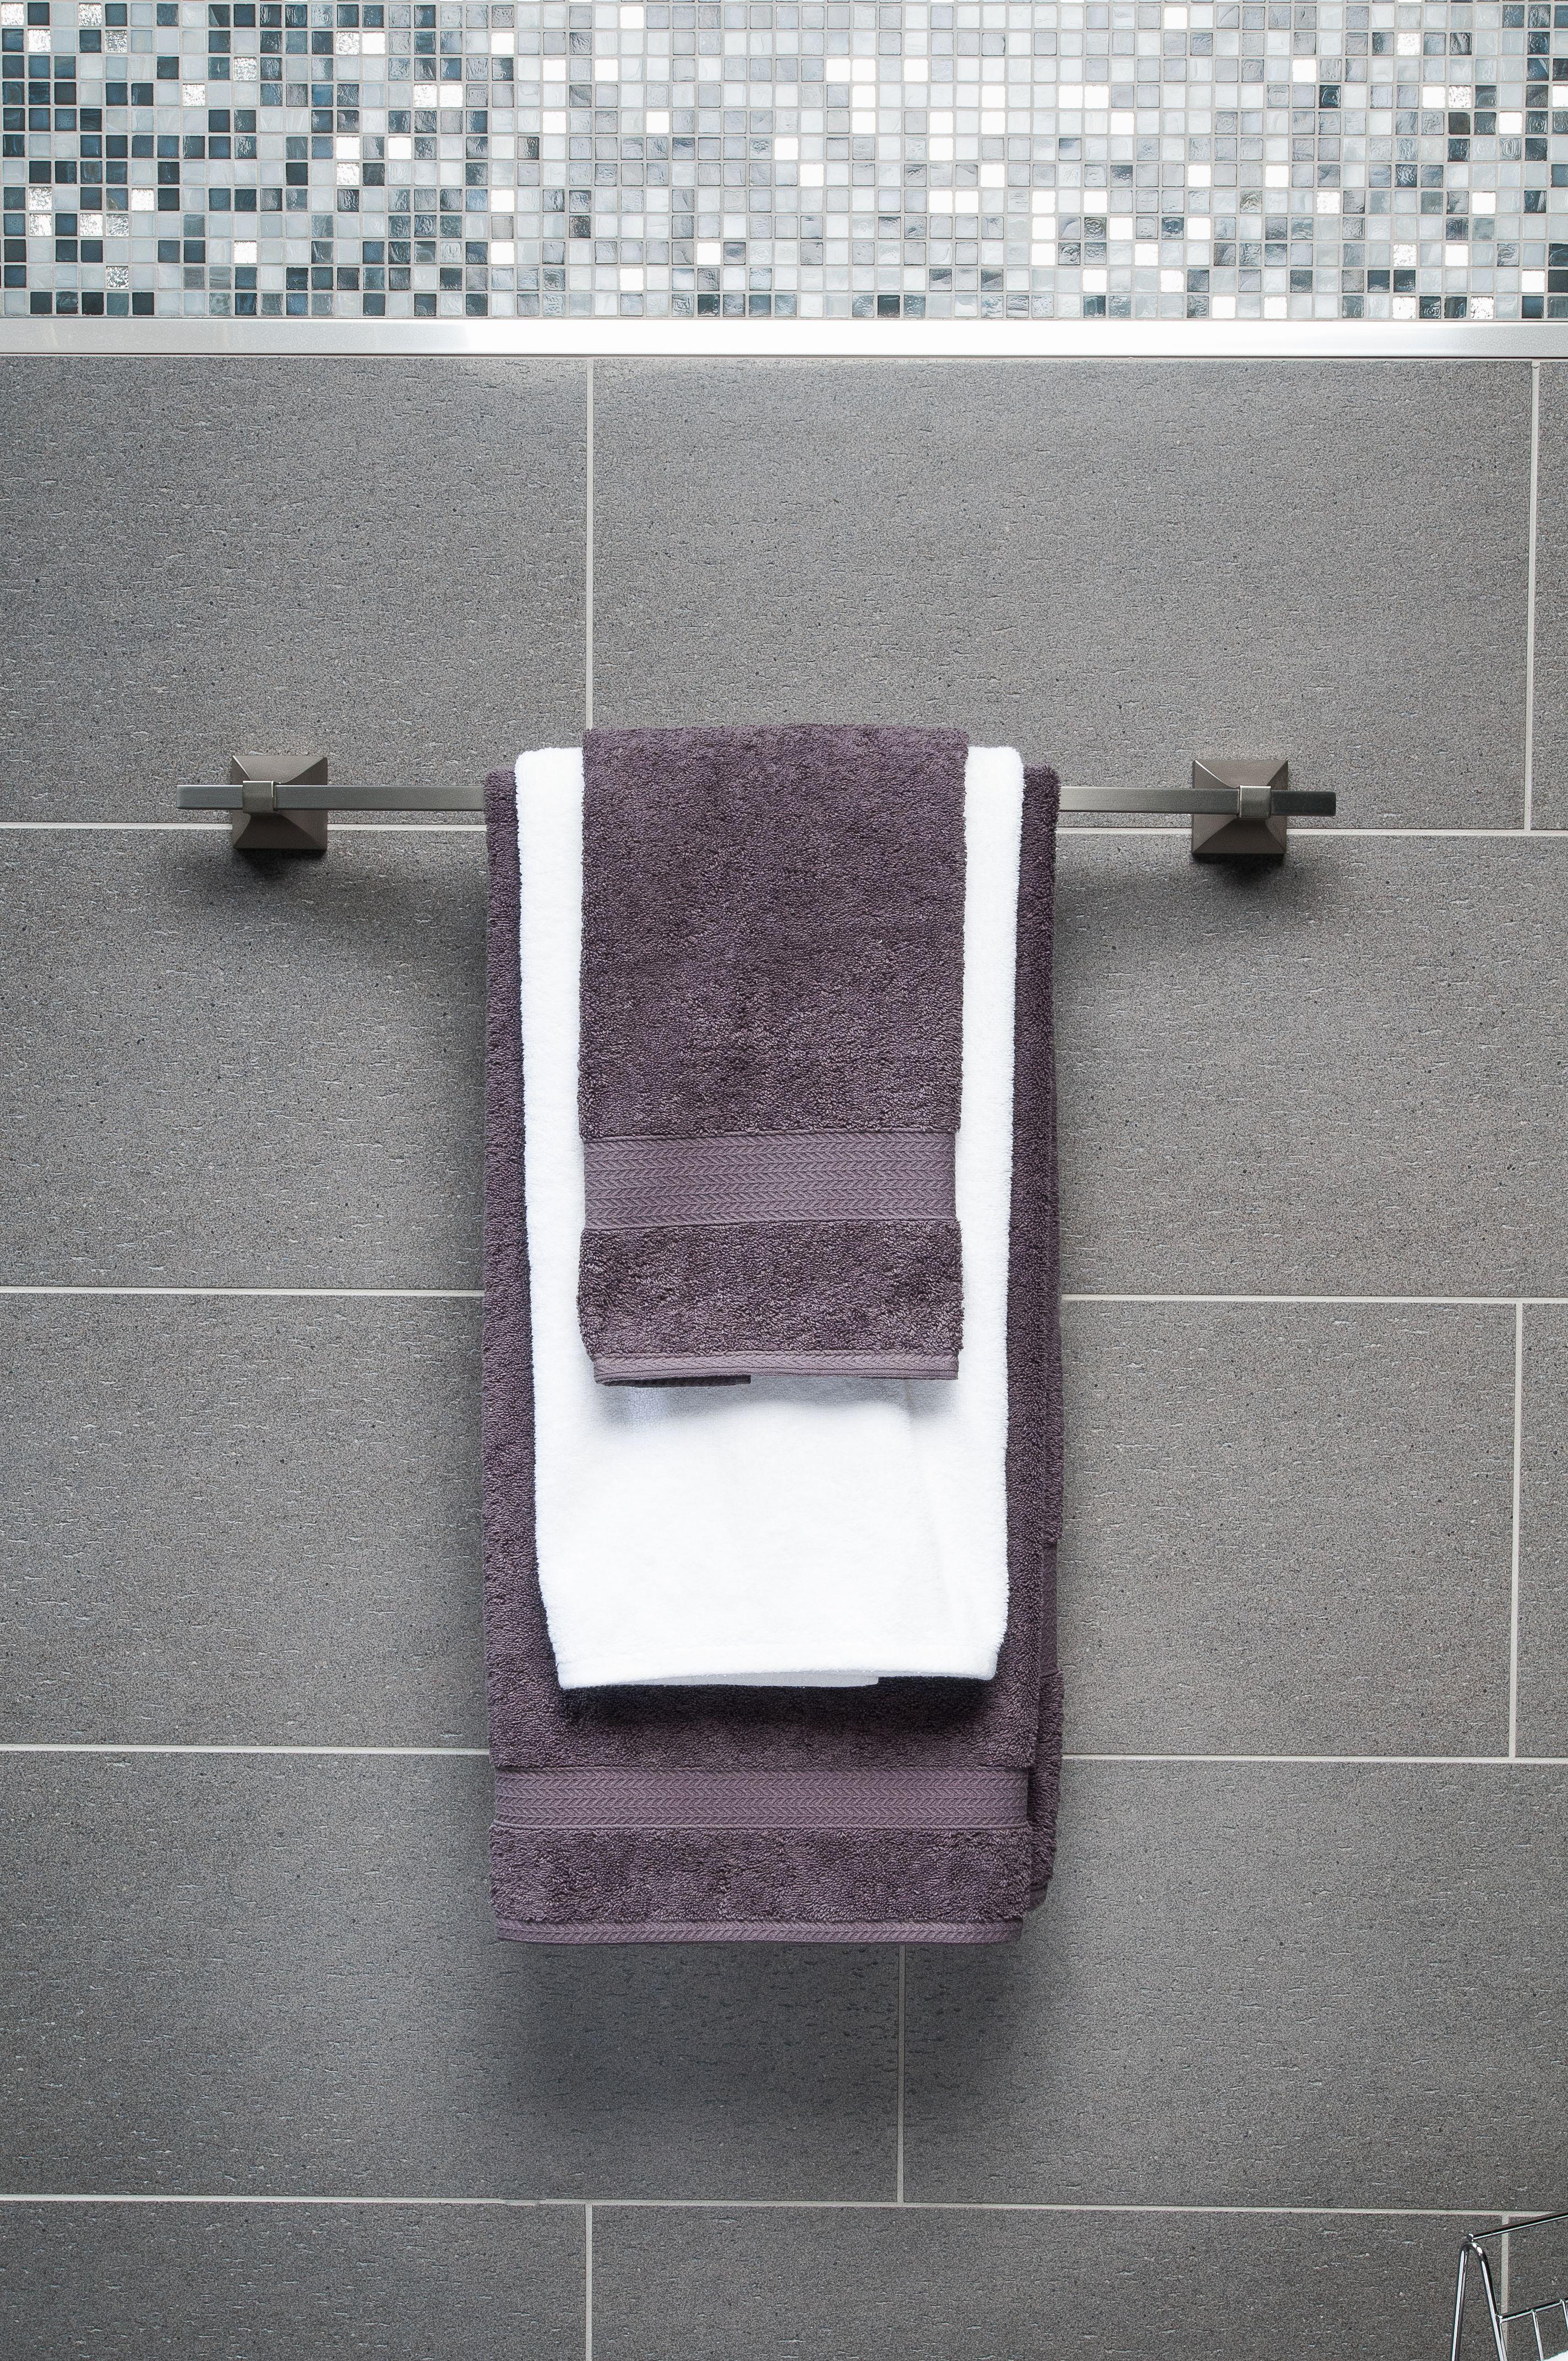 Grey bathrooms designline bathrooms3 - Grey Bathrooms Designline Bathrooms3 52